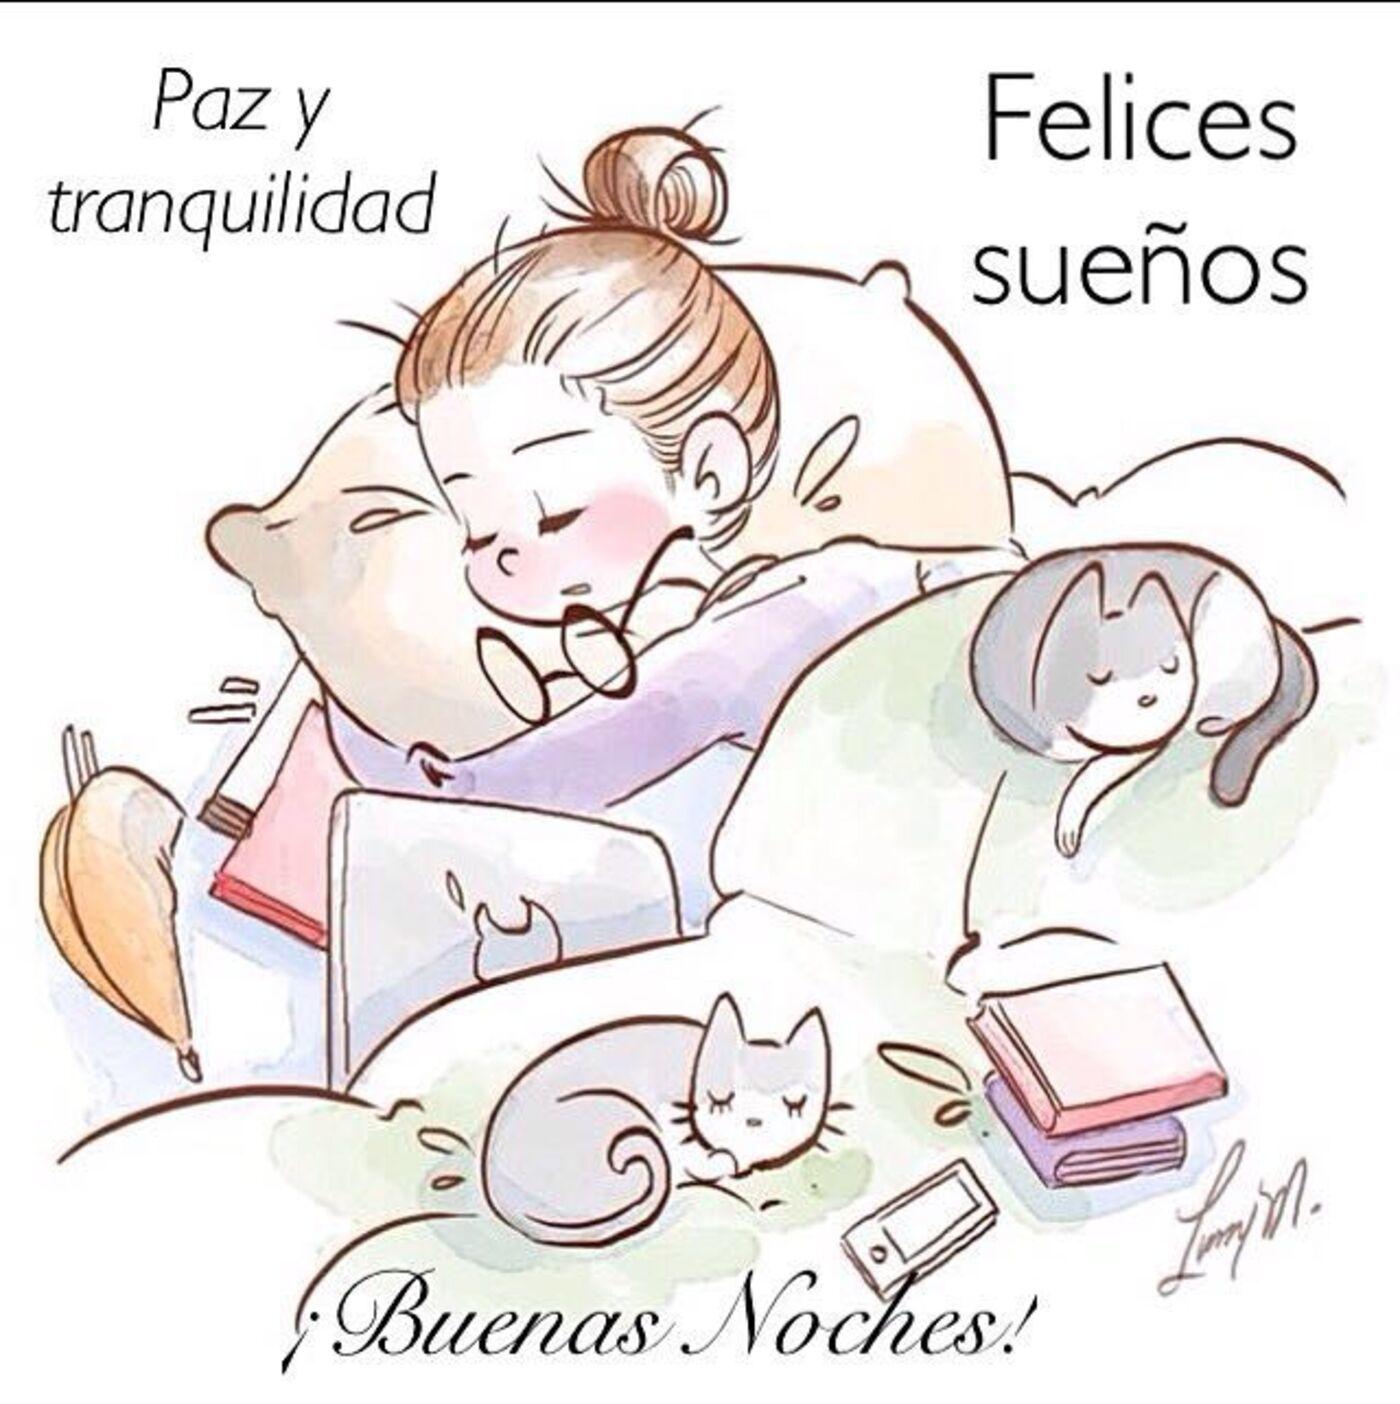 Paz y tranquilidad felices sueños! Buenas noches!